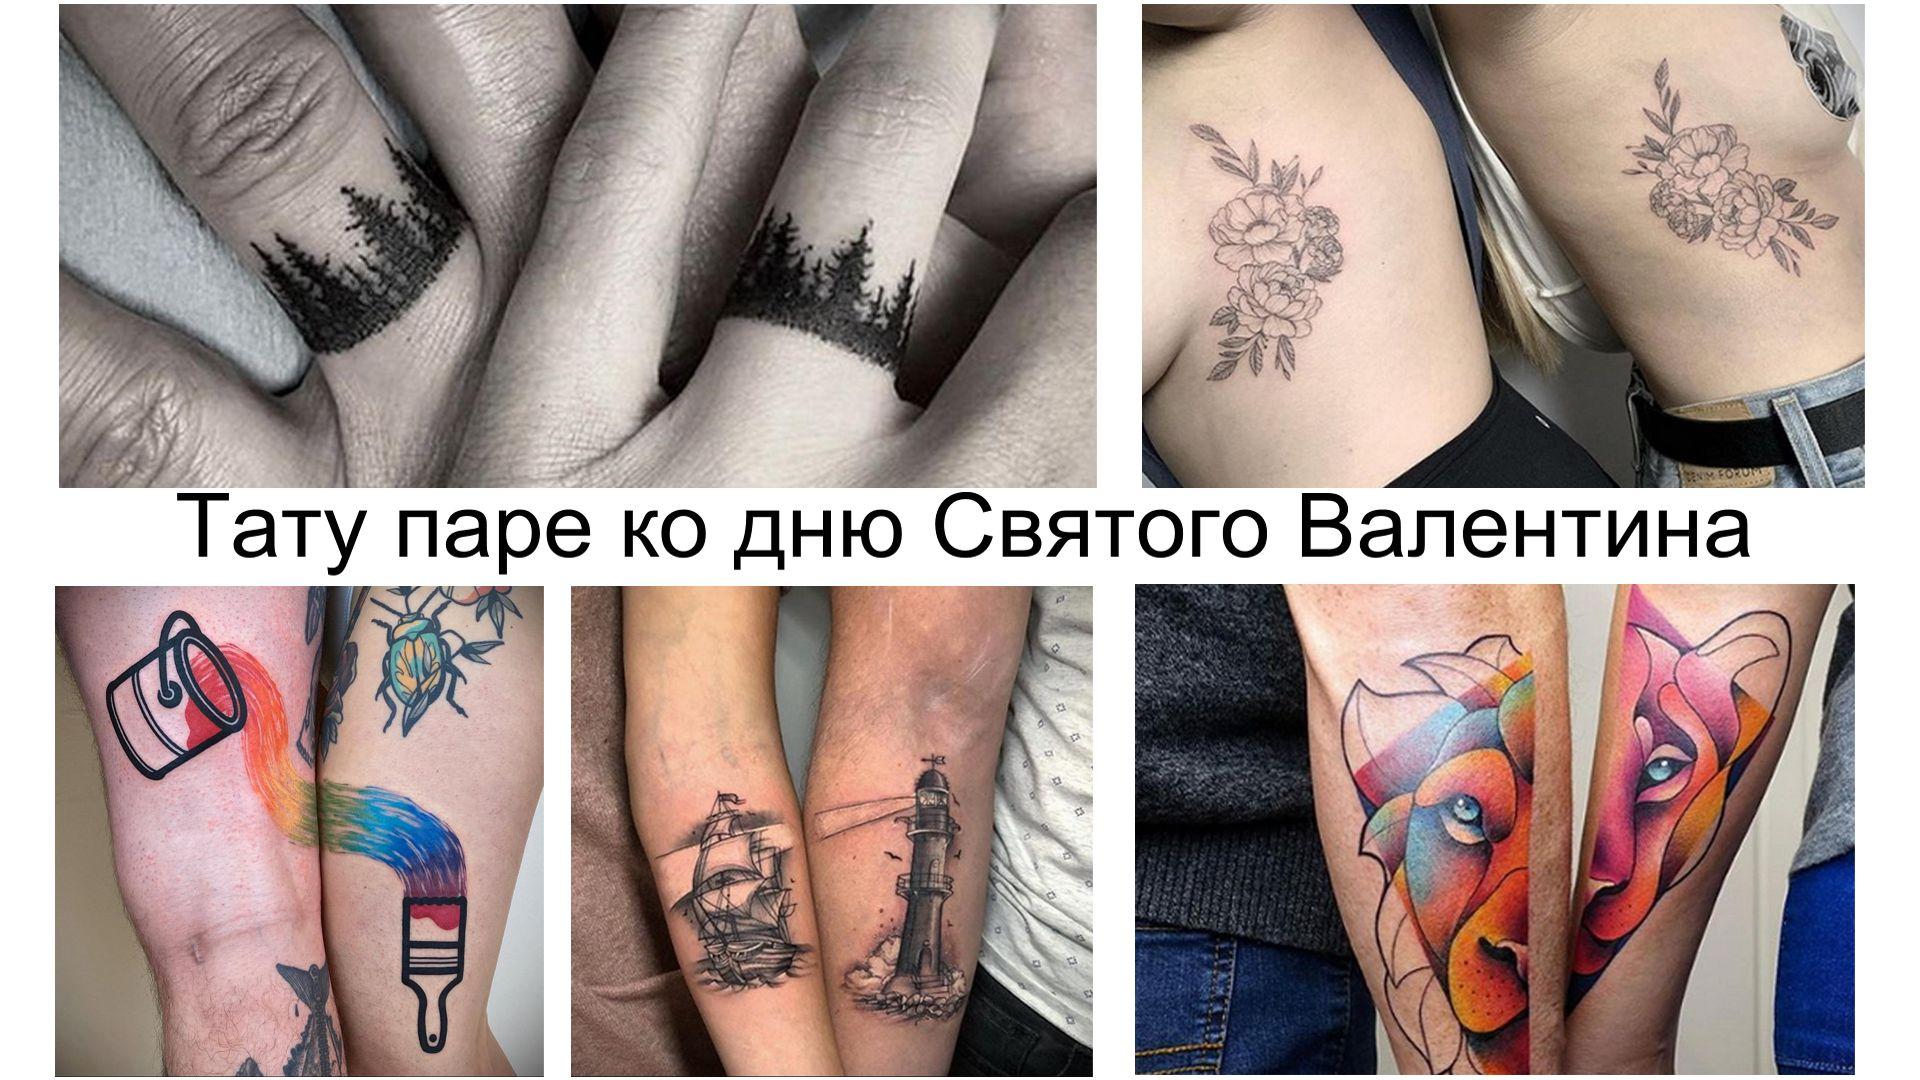 Примеры татуировок которые можно сделать паре ко дню Святого Валентина